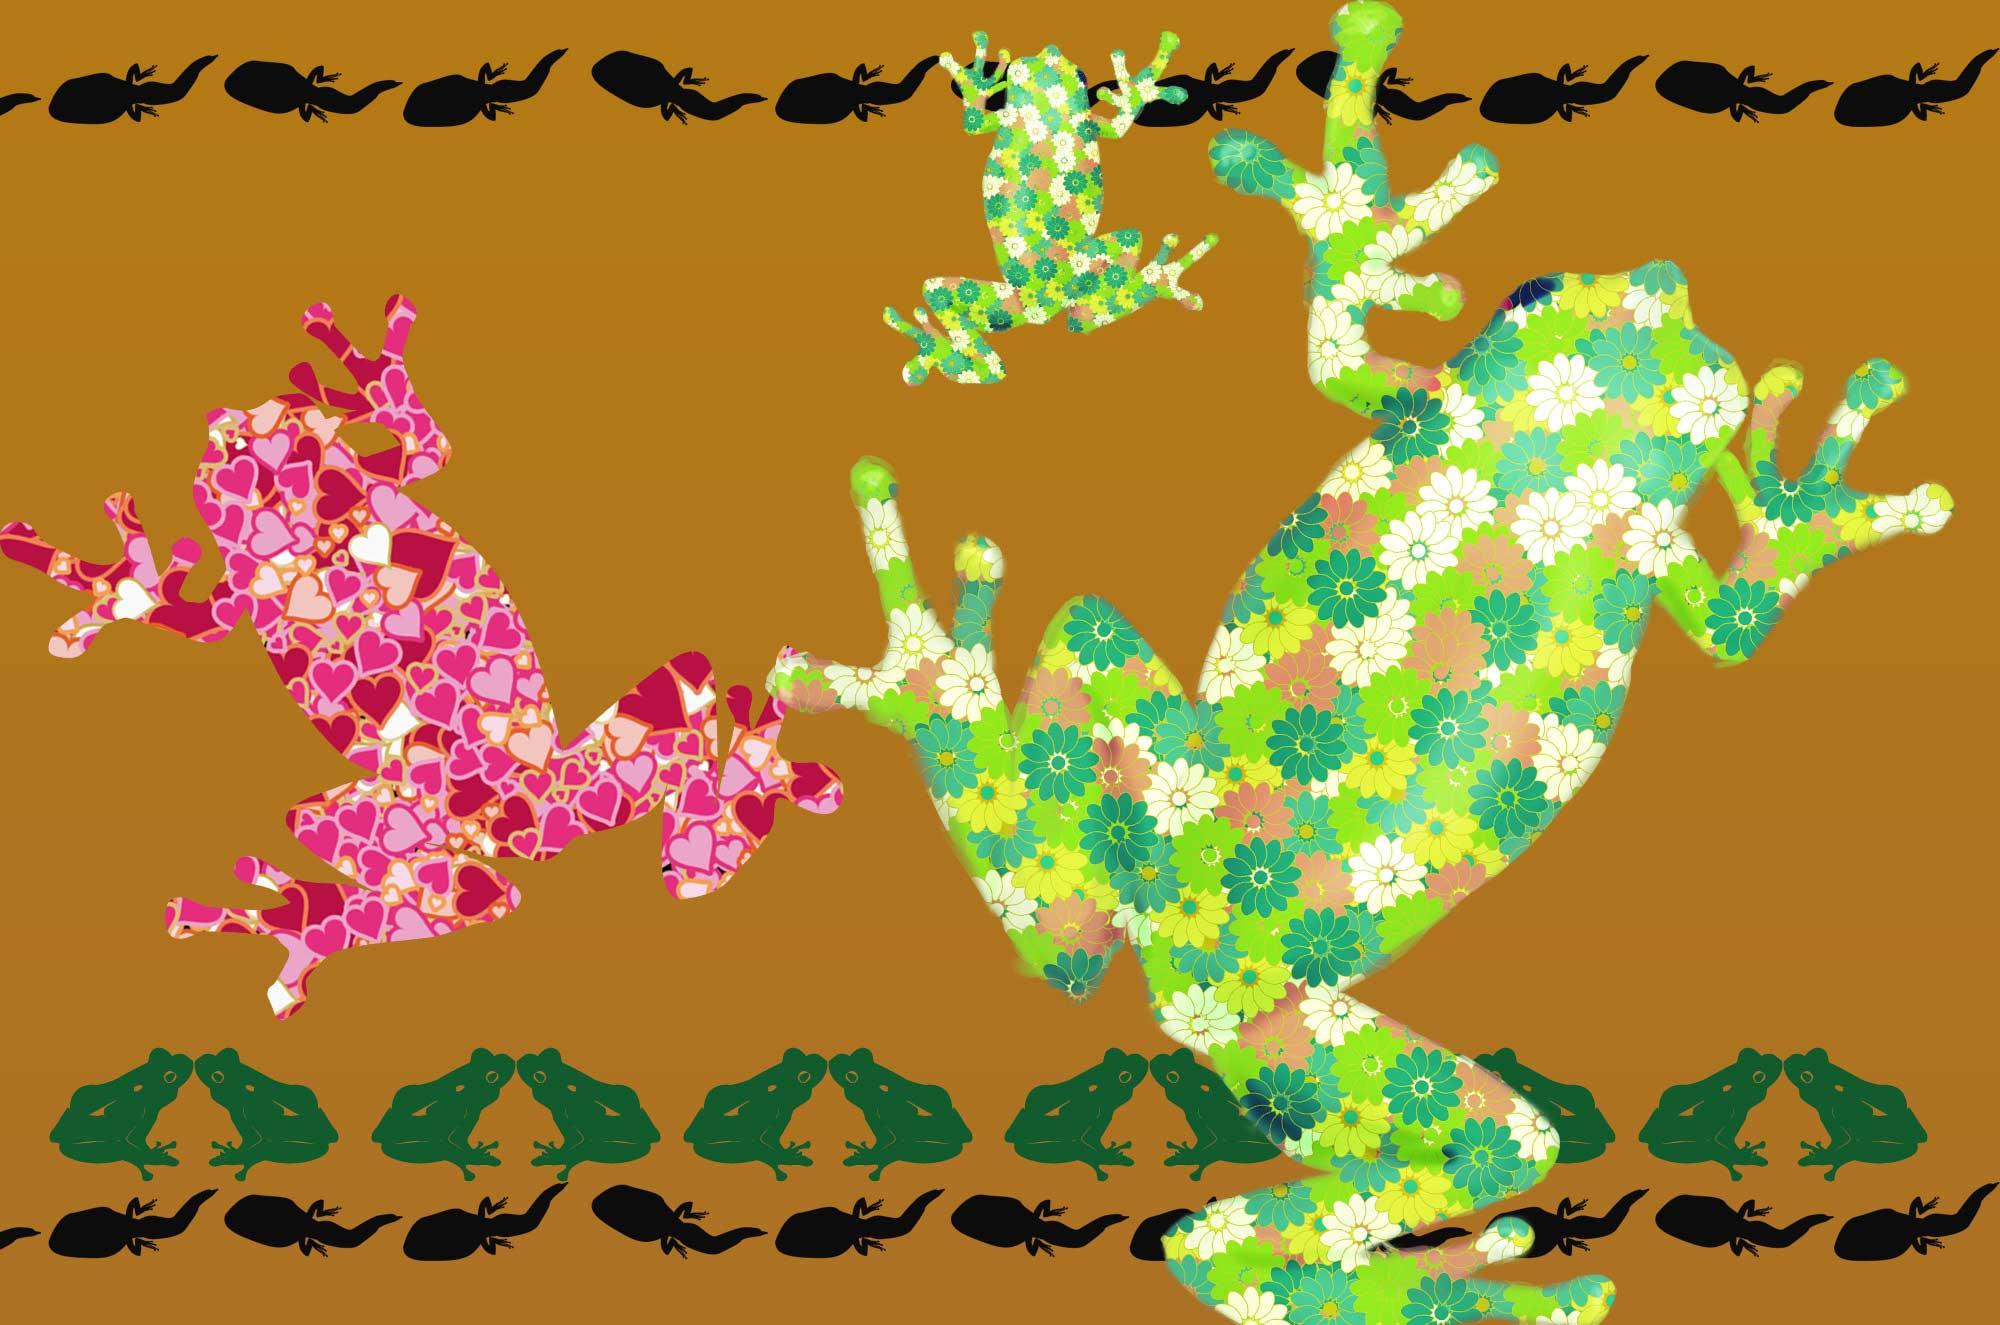 カエルイラスト - シルエットと可愛い蛙のイラスト素材